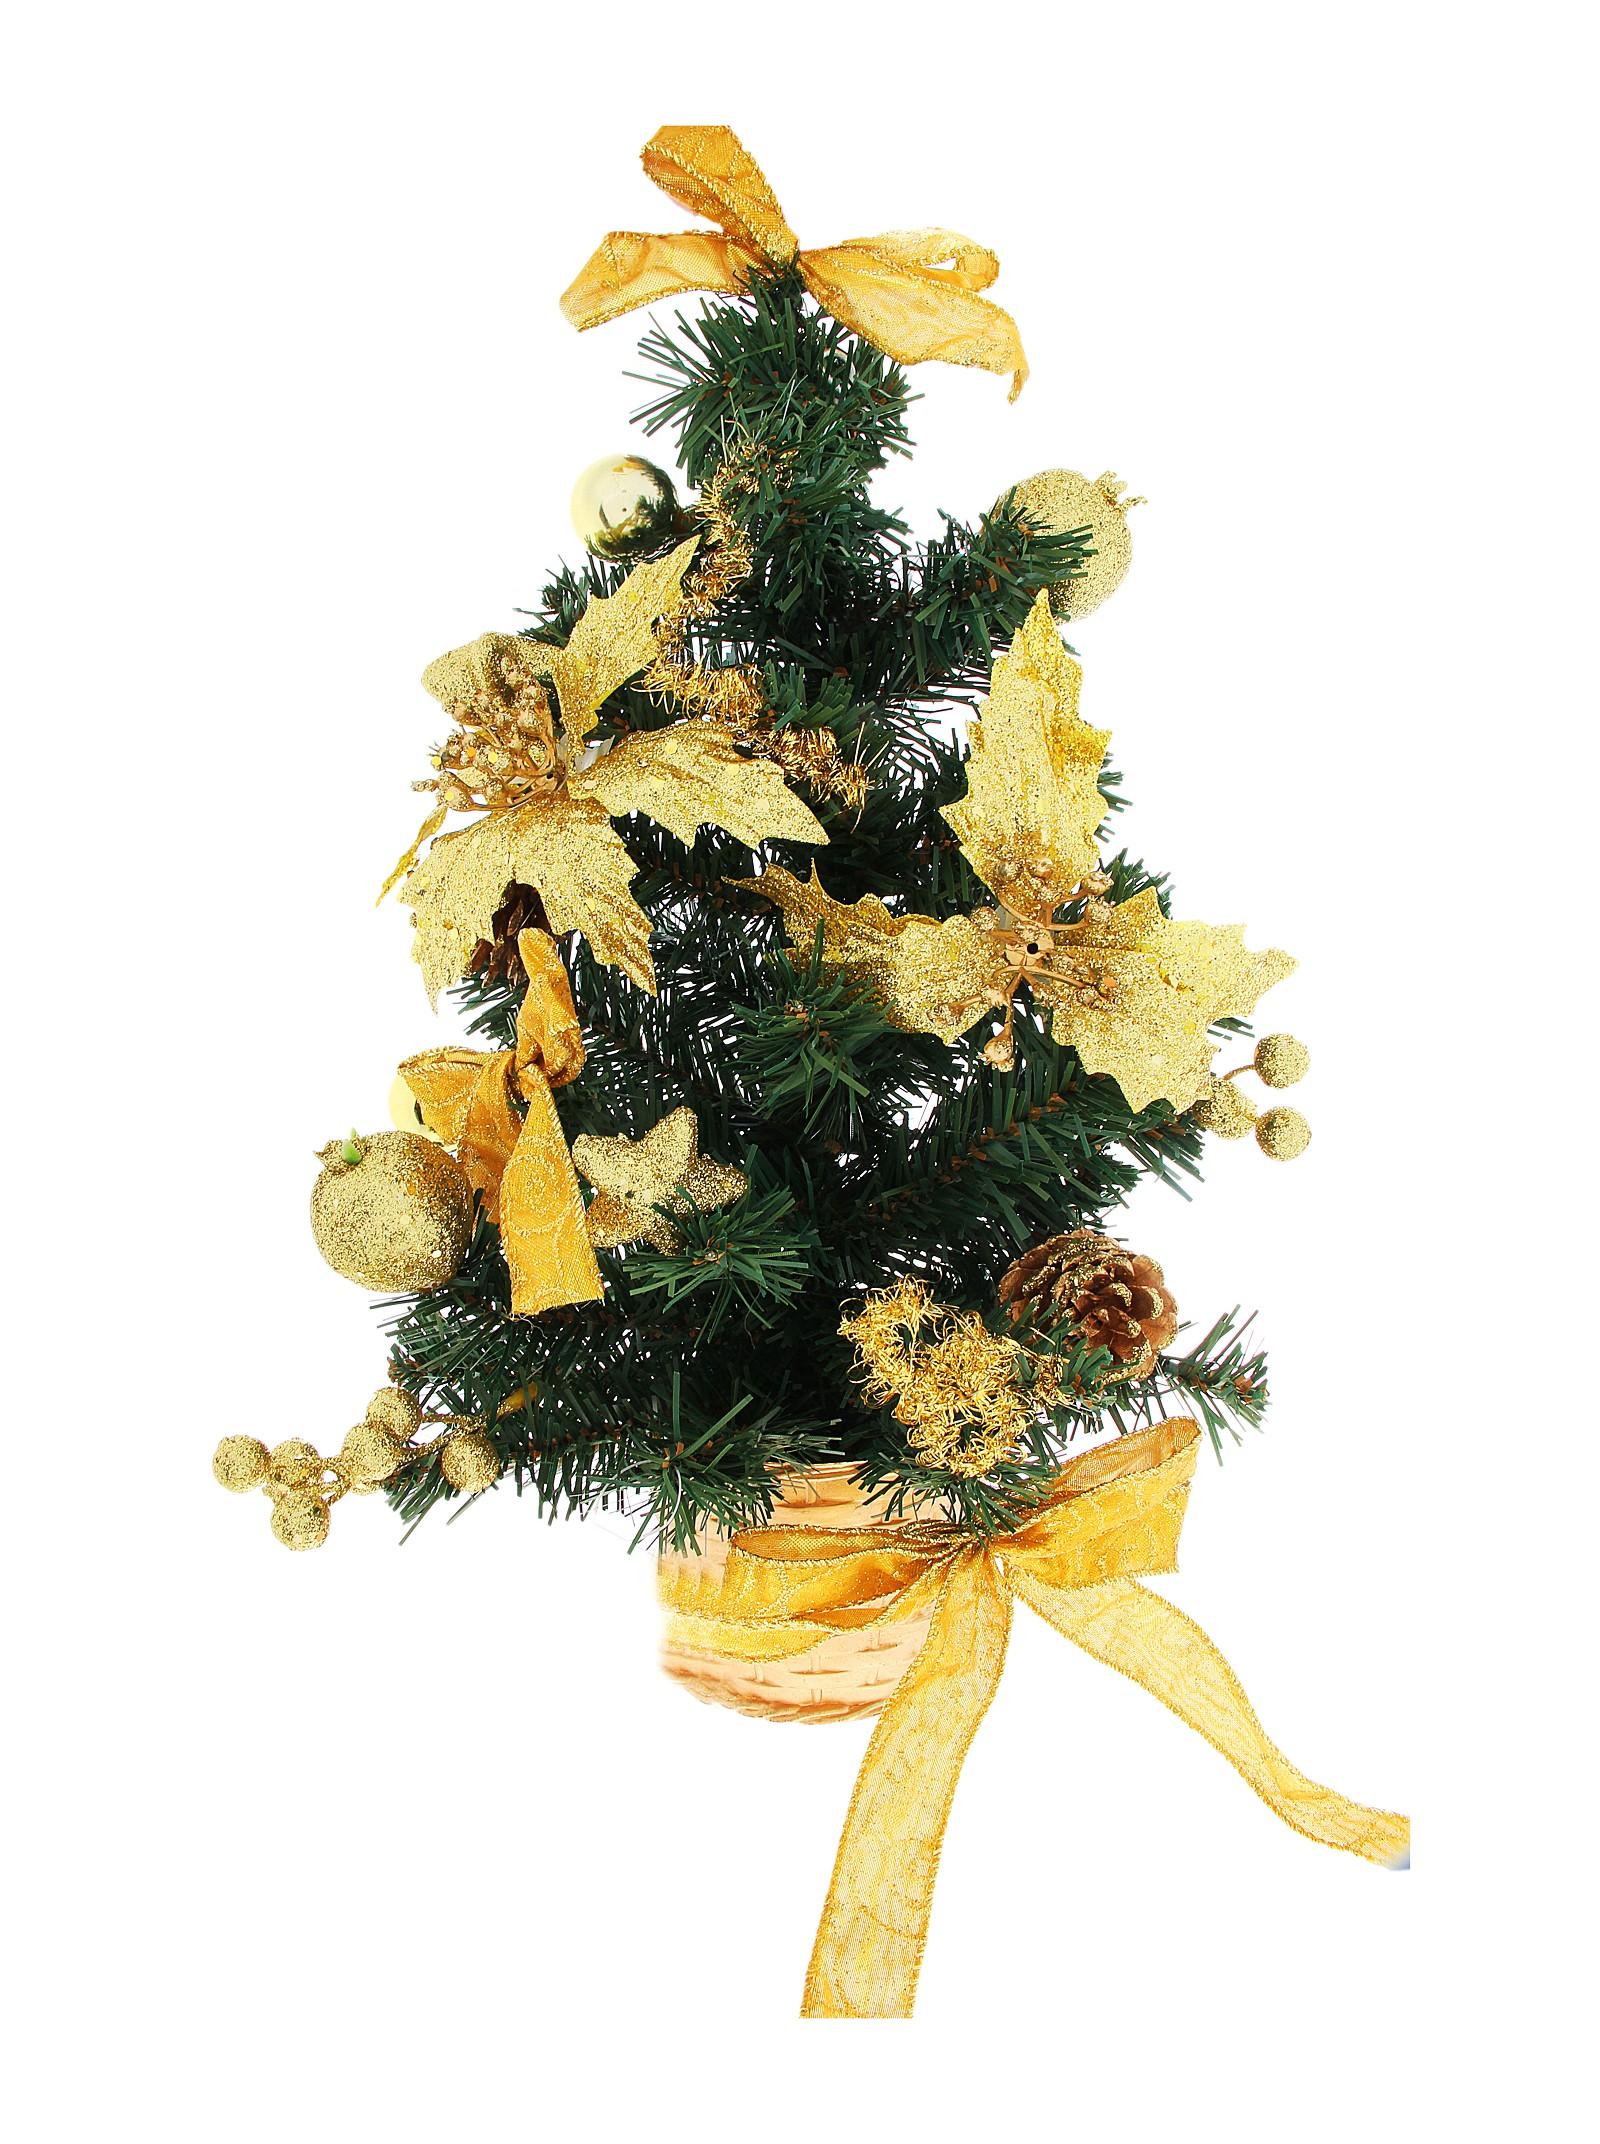 Декоративное украшение Новогодняя елочка. 717986717986Оригинальный дизайн новогодней елки притягивает к себе восторженные взгляды. Елка настенная украшена золотистыми шишками, блестящими лентами, ягодами, шариками и цветами. Елка украсит интерьер вашего дома или офиса к Новому году и создаст теплую и уютную атмосферу праздника. Откройте для себя удивительный мир сказок и грез. Почувствуйте волшебные минуты ожидания праздника, создайте новогоднее настроение вашим дорогим и близким.